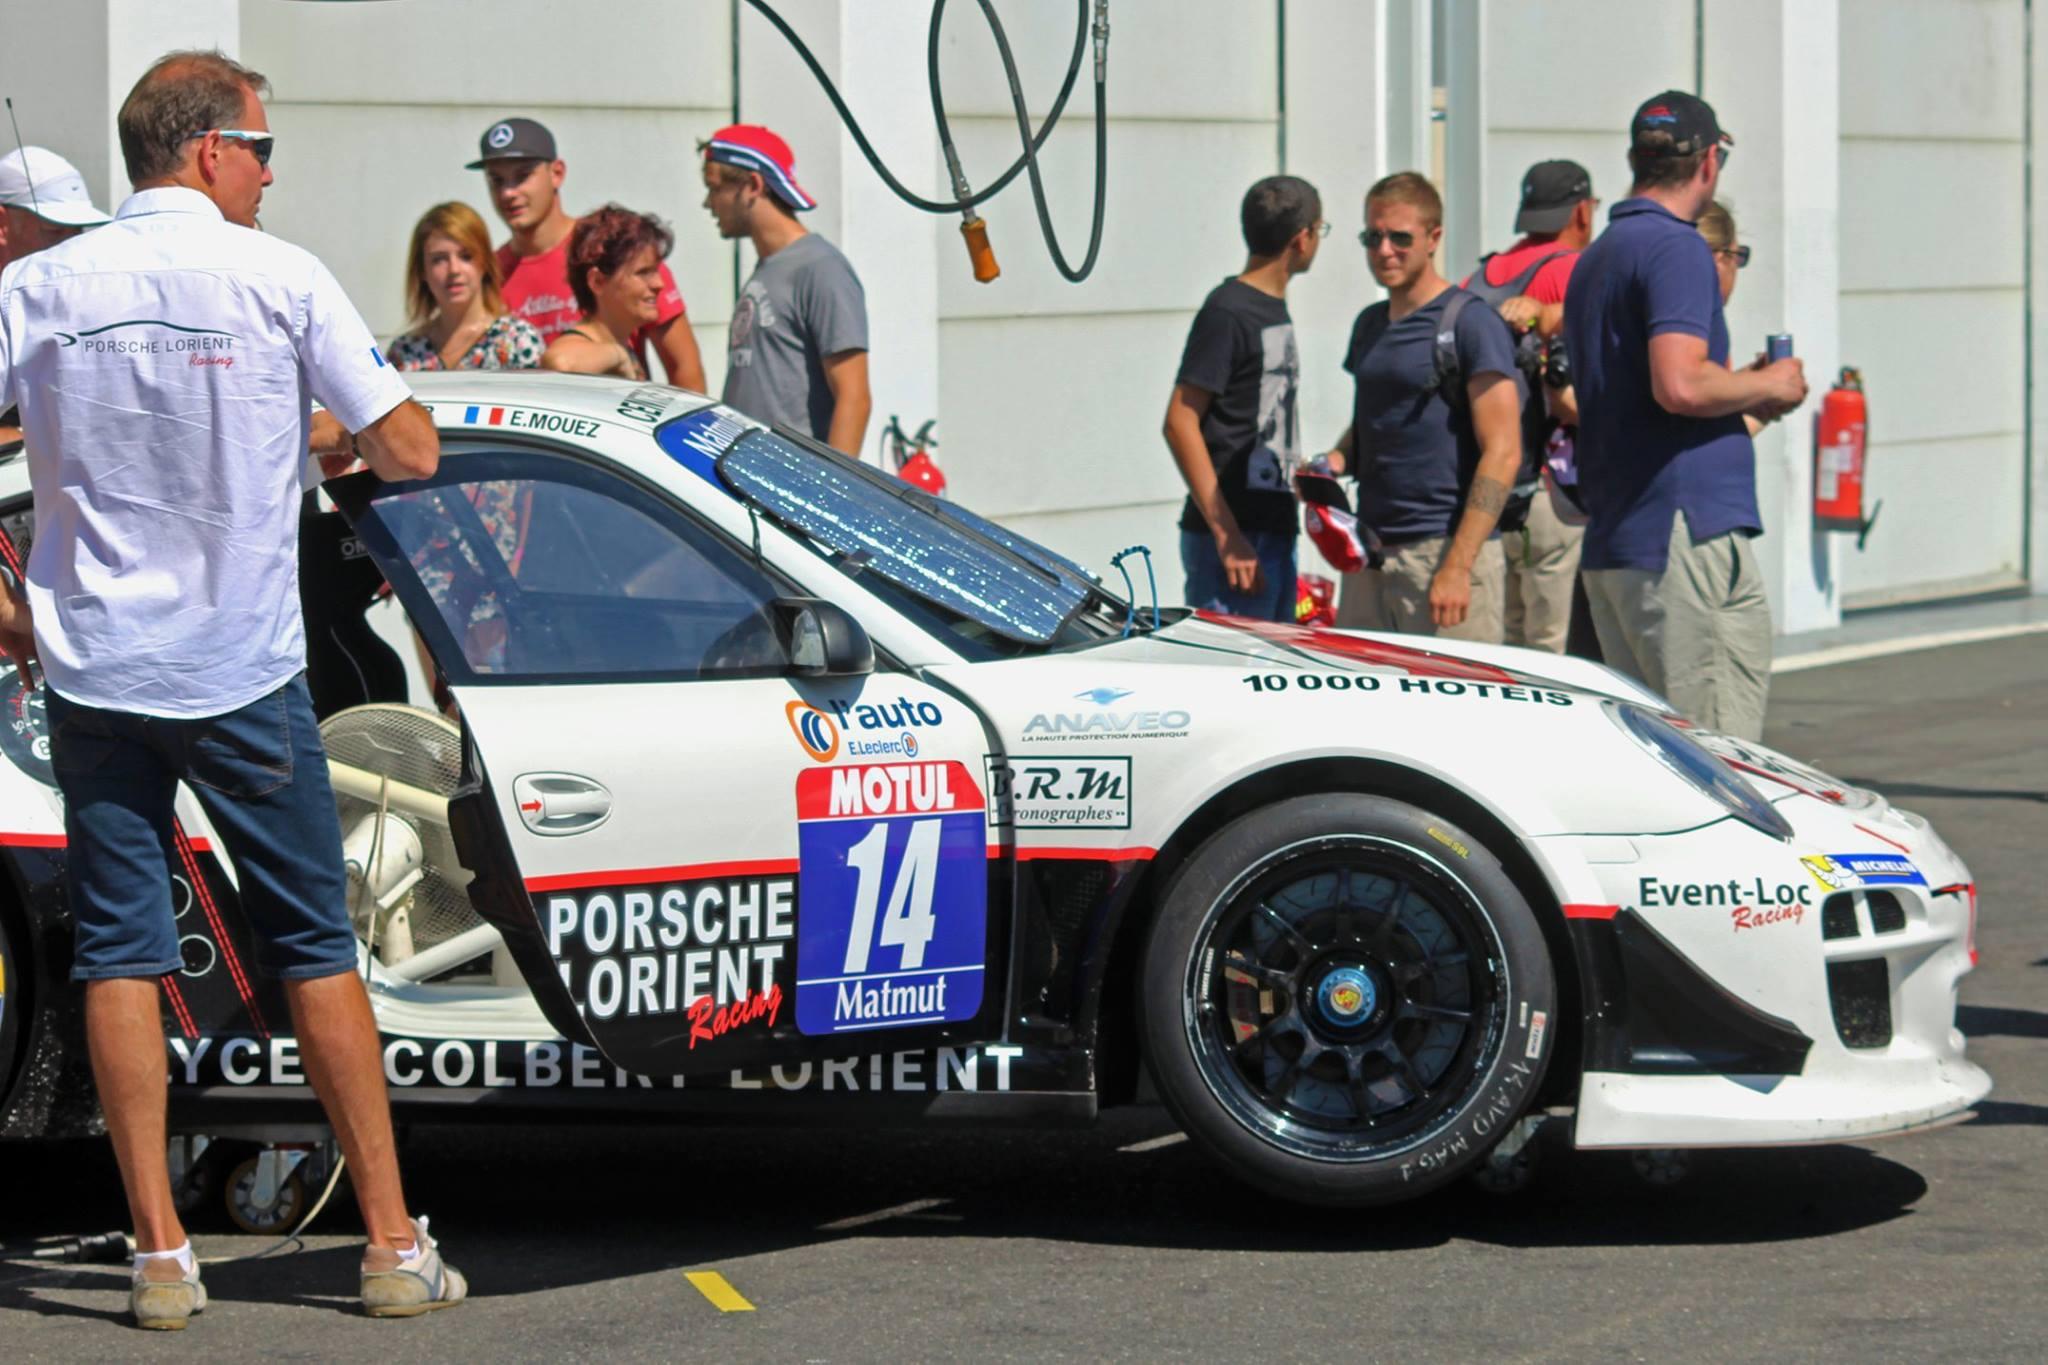 Frédéric Ancel avec la GT3 R n°14 photo de VM Photos